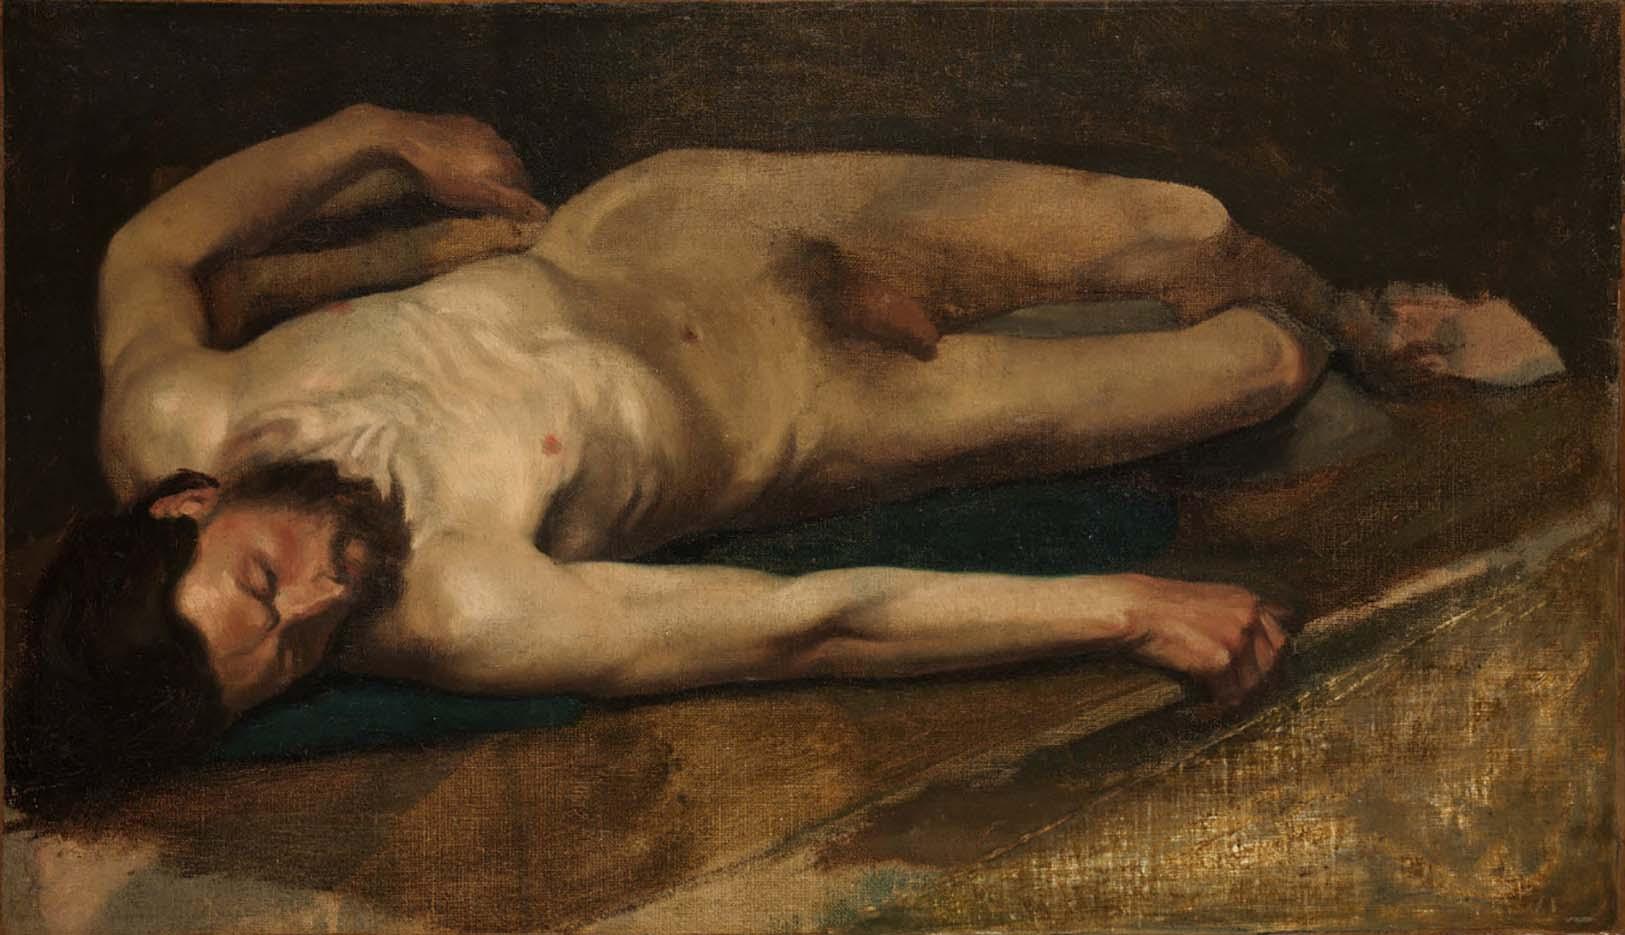 """Эдгар Дега (Edgar Degas), """"Обнаженный мужчина"""""""